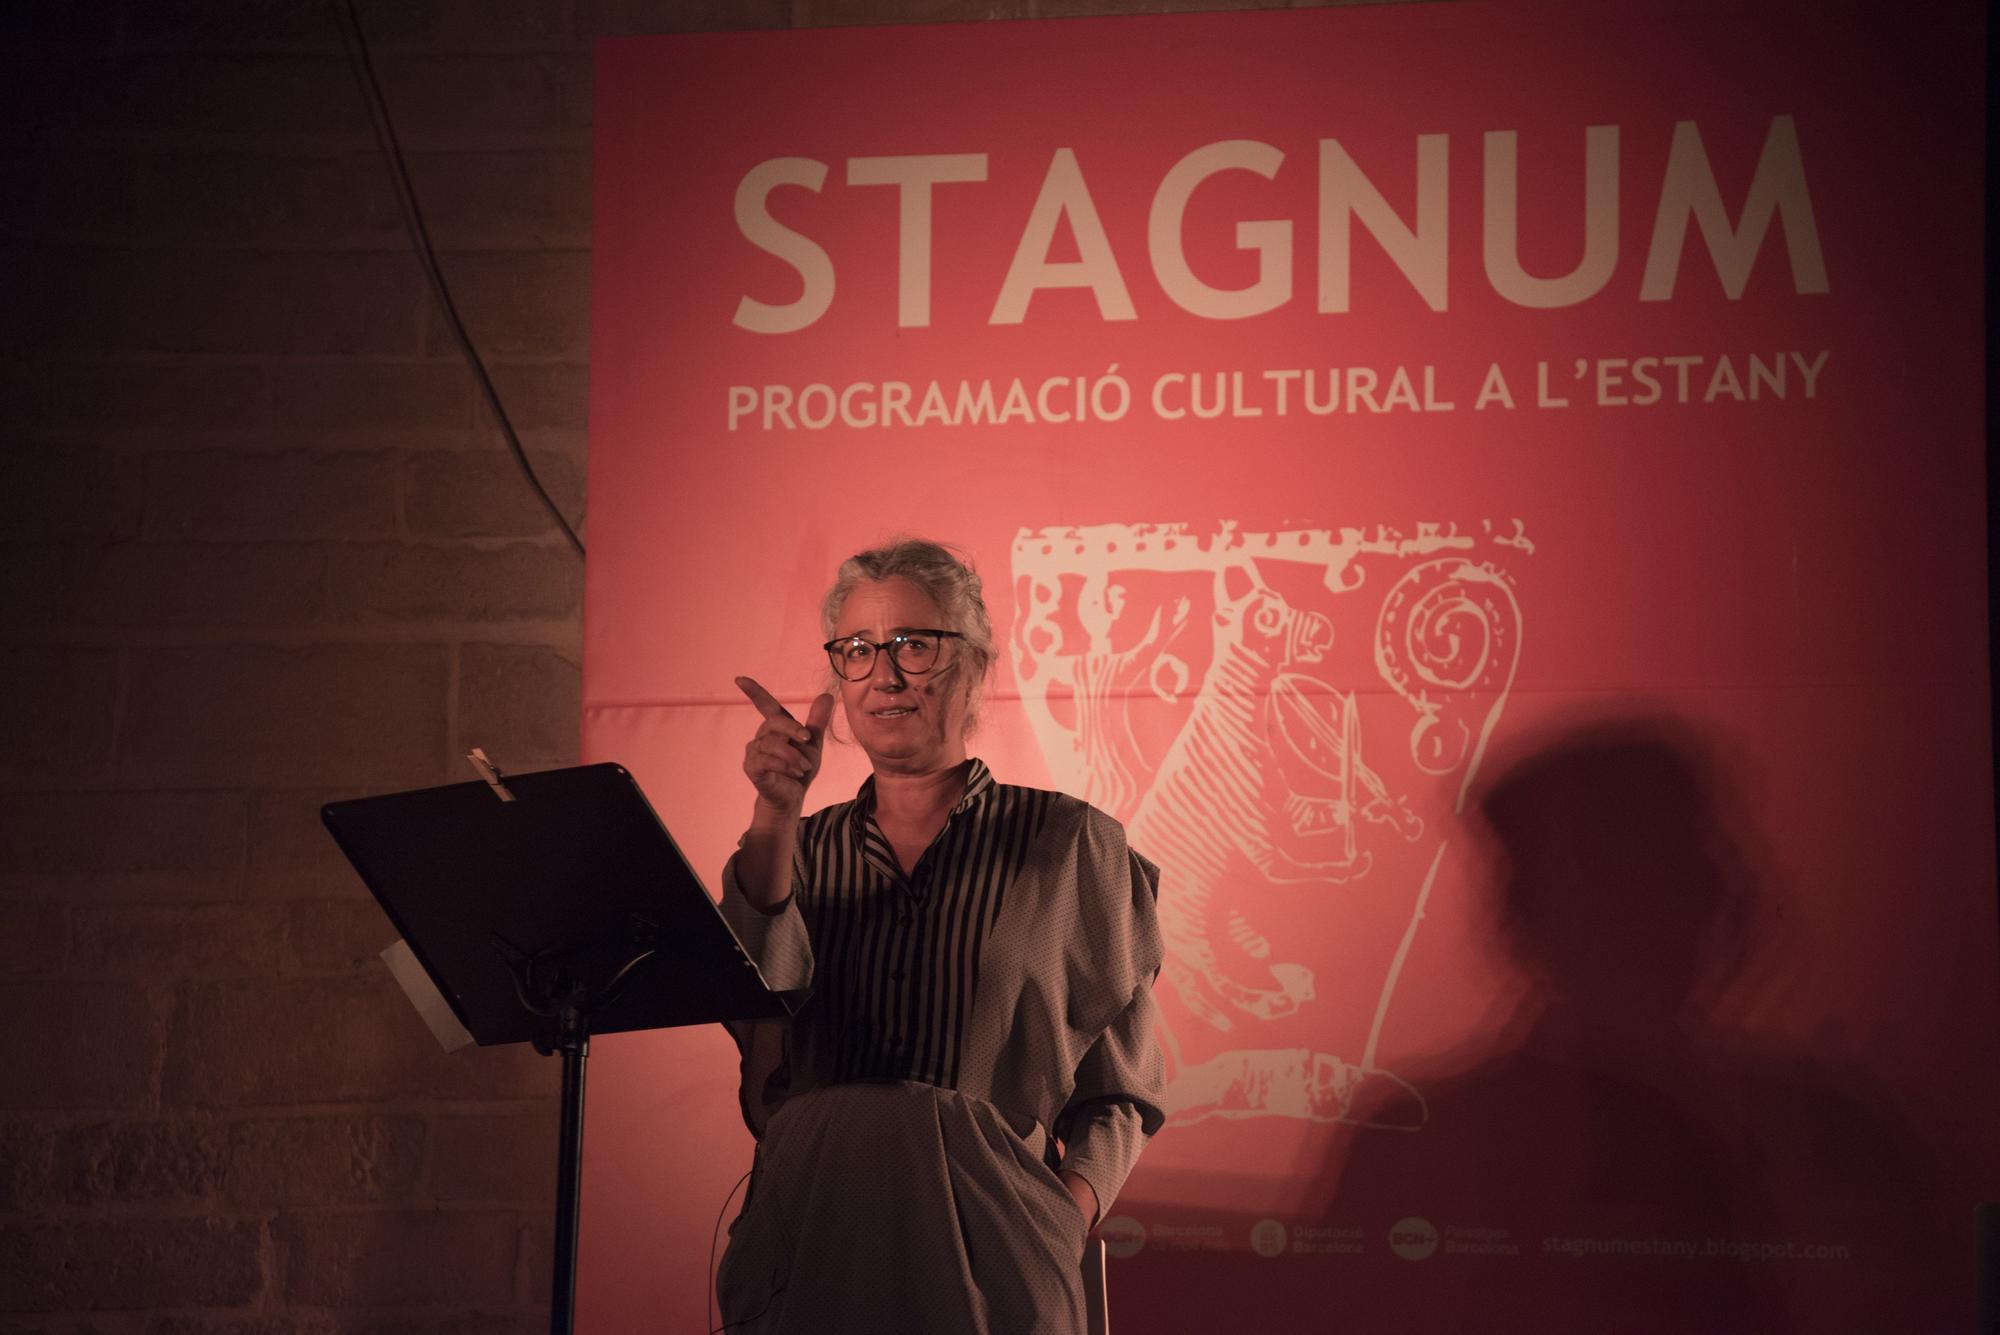 El cicle Stagnum de l'Estany